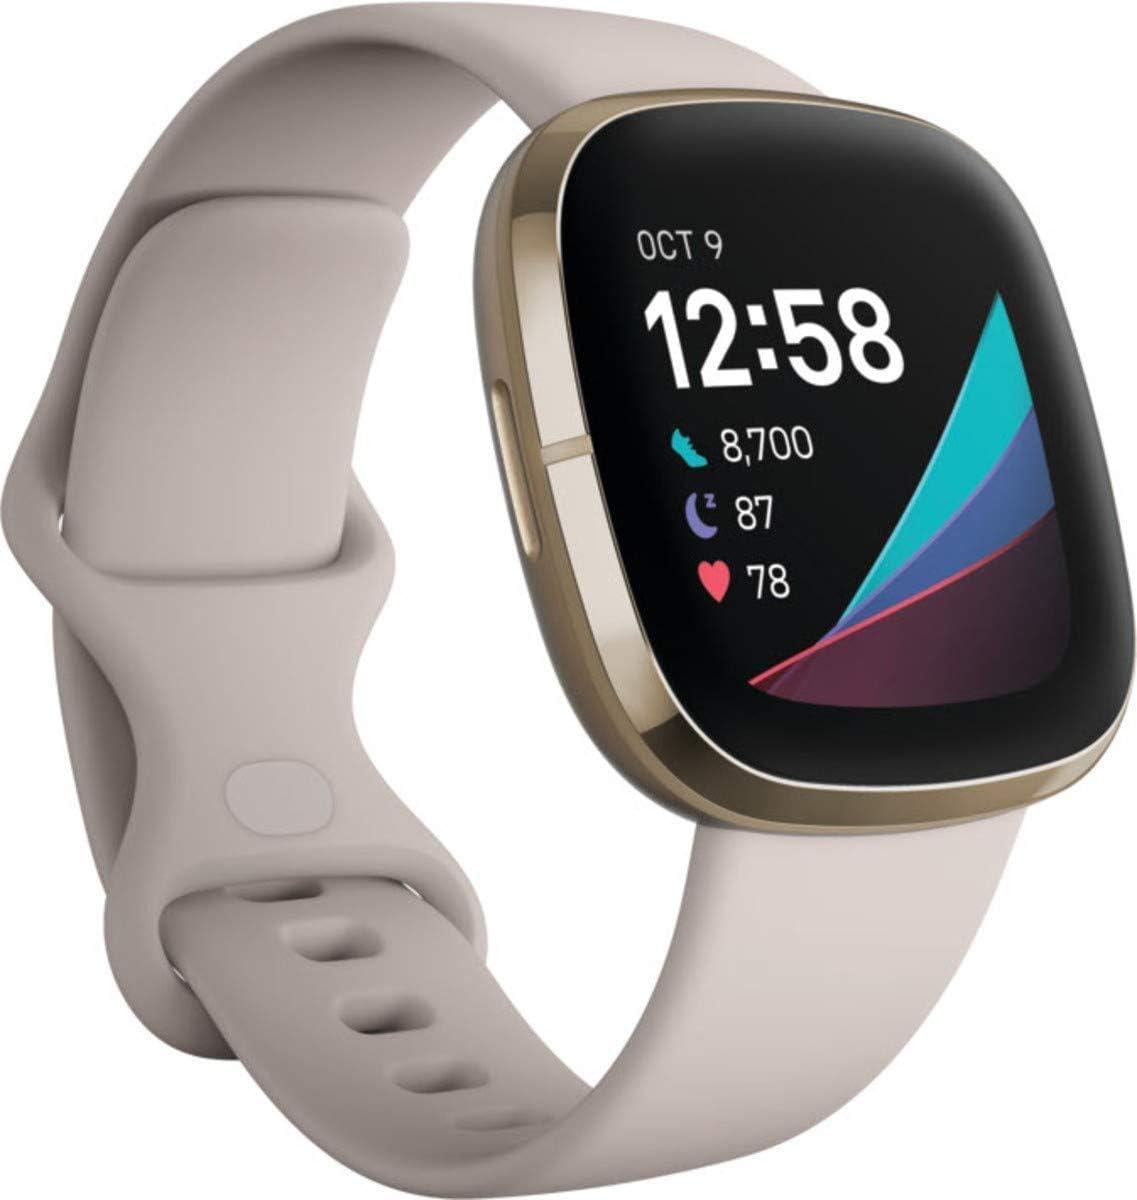 Ftibit sense blanco: con sensor de Temperatura, estrés, electrocardiograma y Frecuencia cardiaca